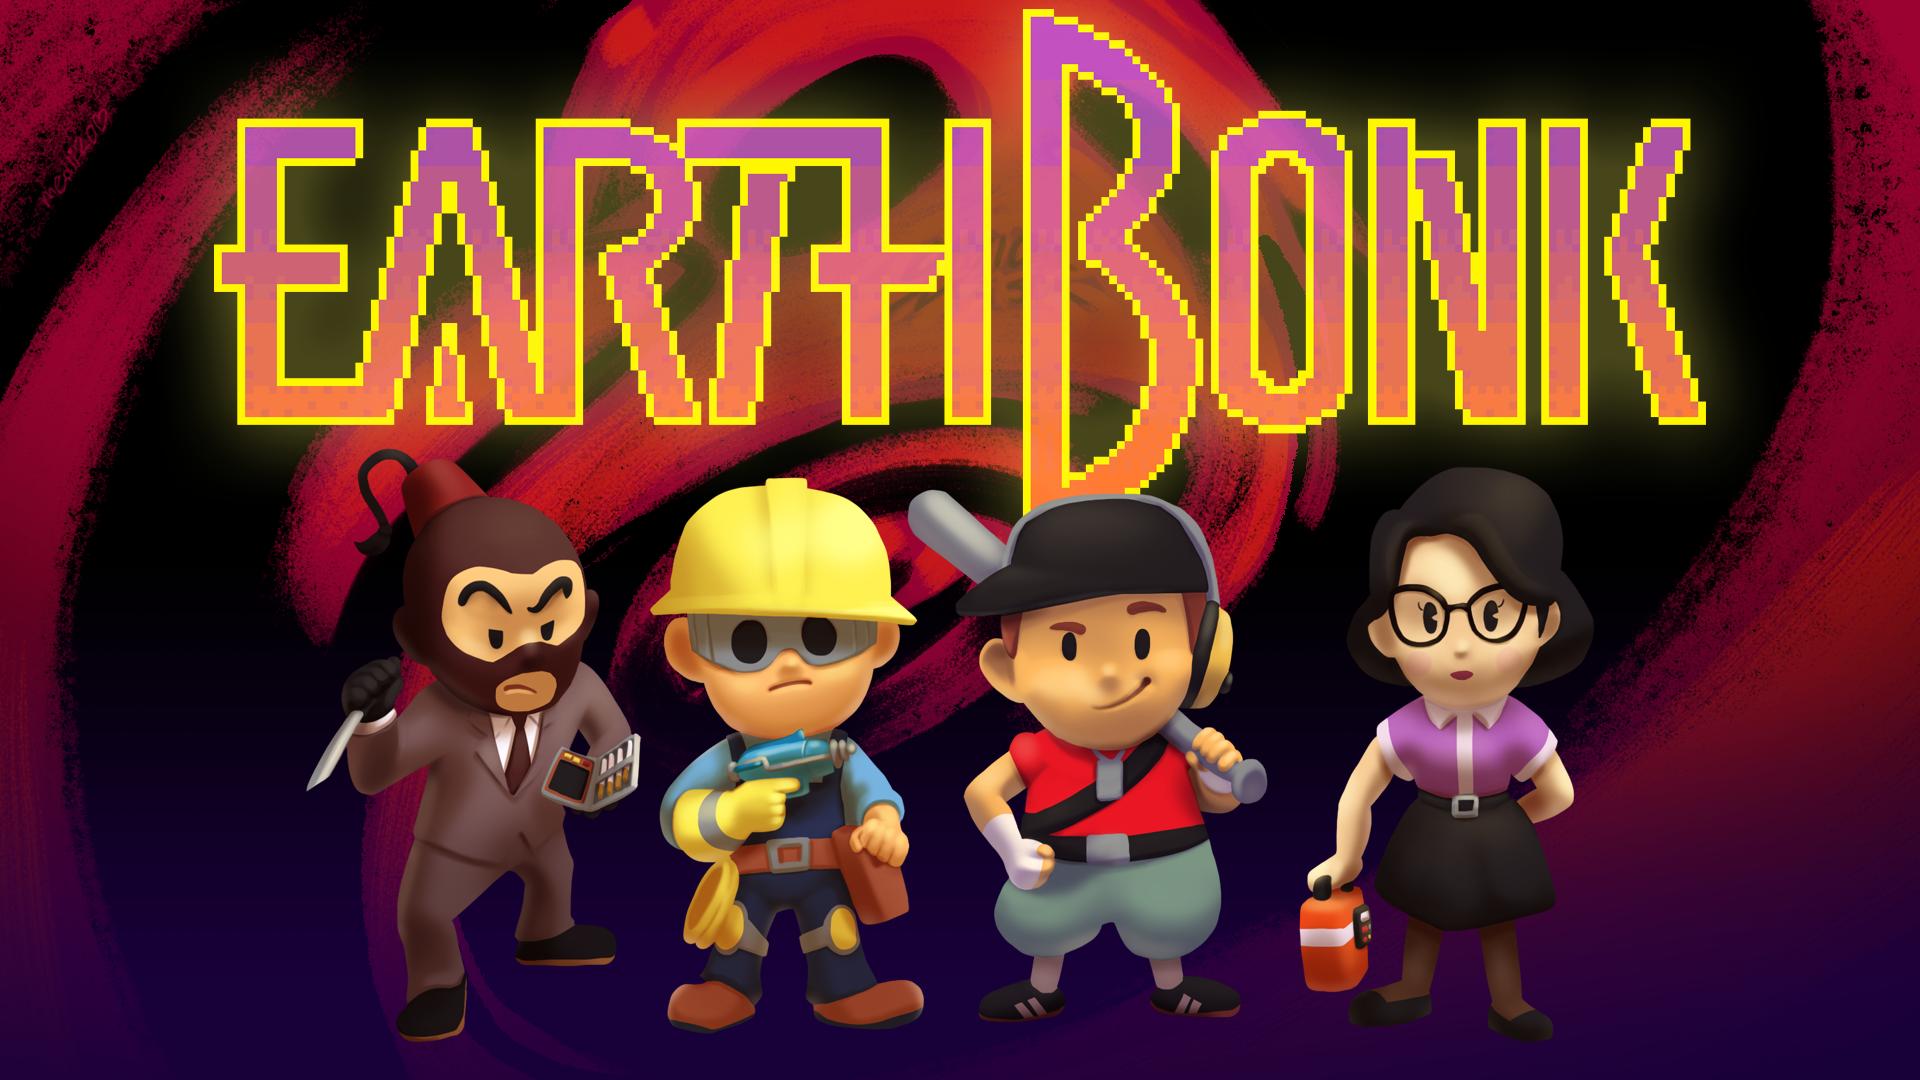 Earthbonk Games Teamfortress2 Steam Tf2 Steamnewrelease Gaming Valve Fan Art Anime Gamer Girl